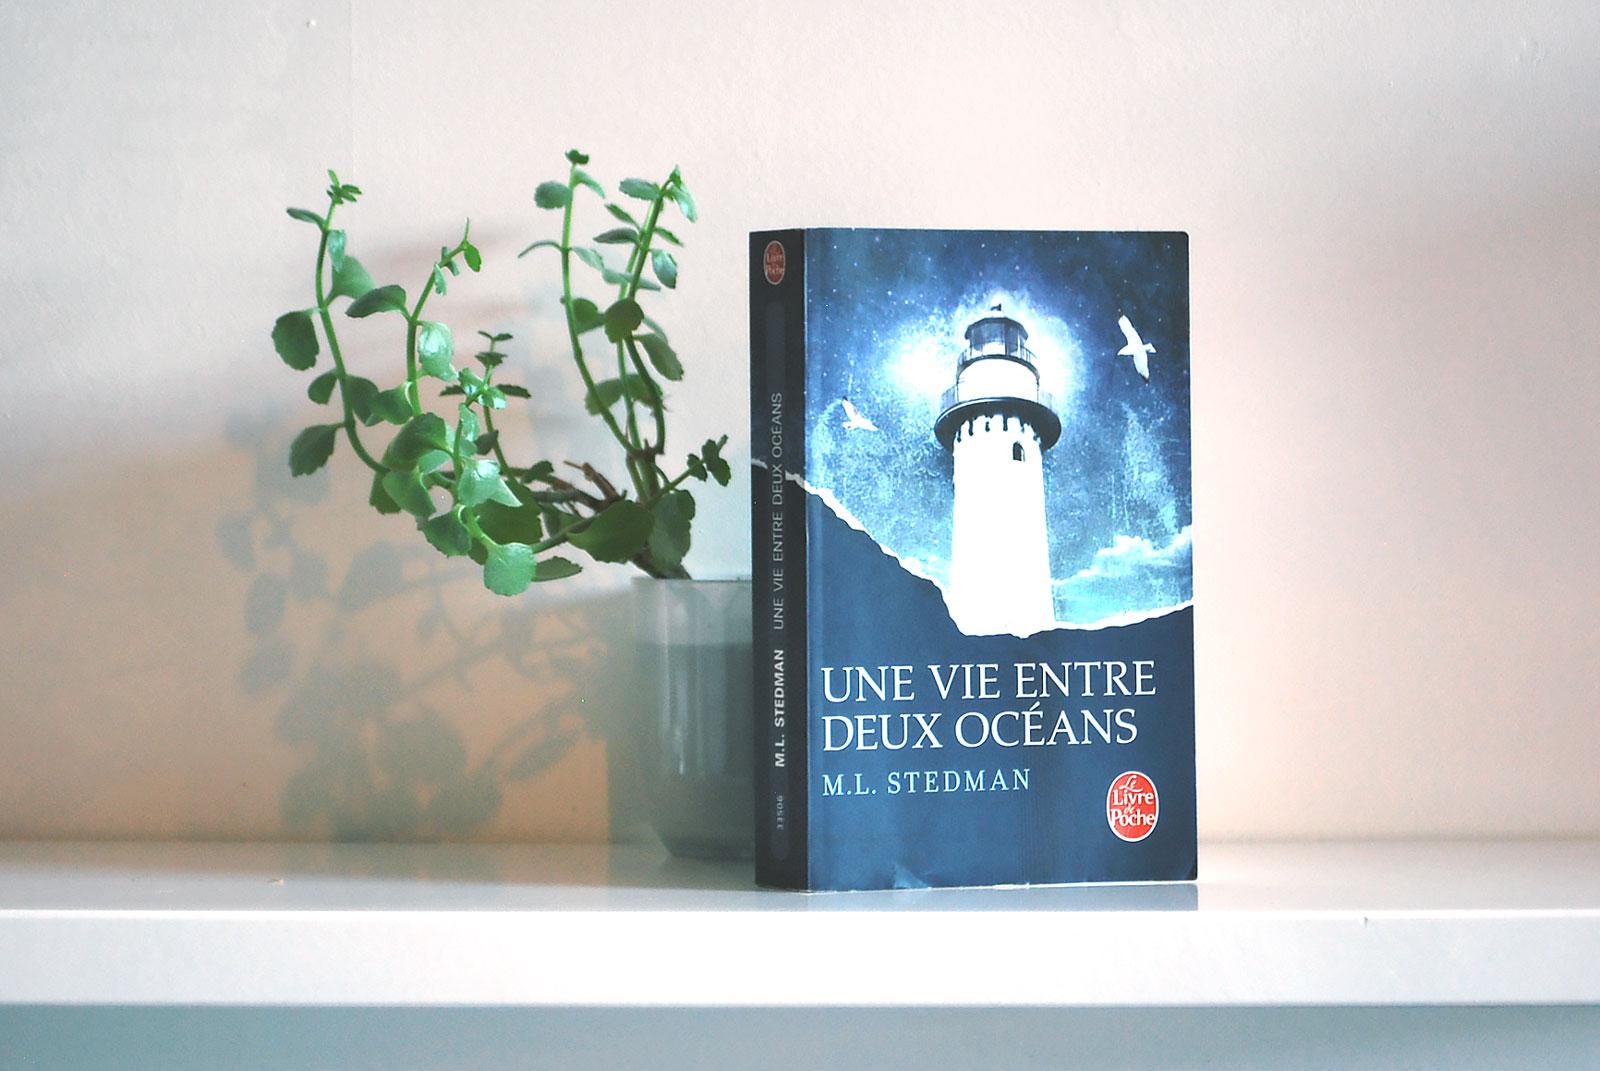 Livre : Une vie entre deux océans